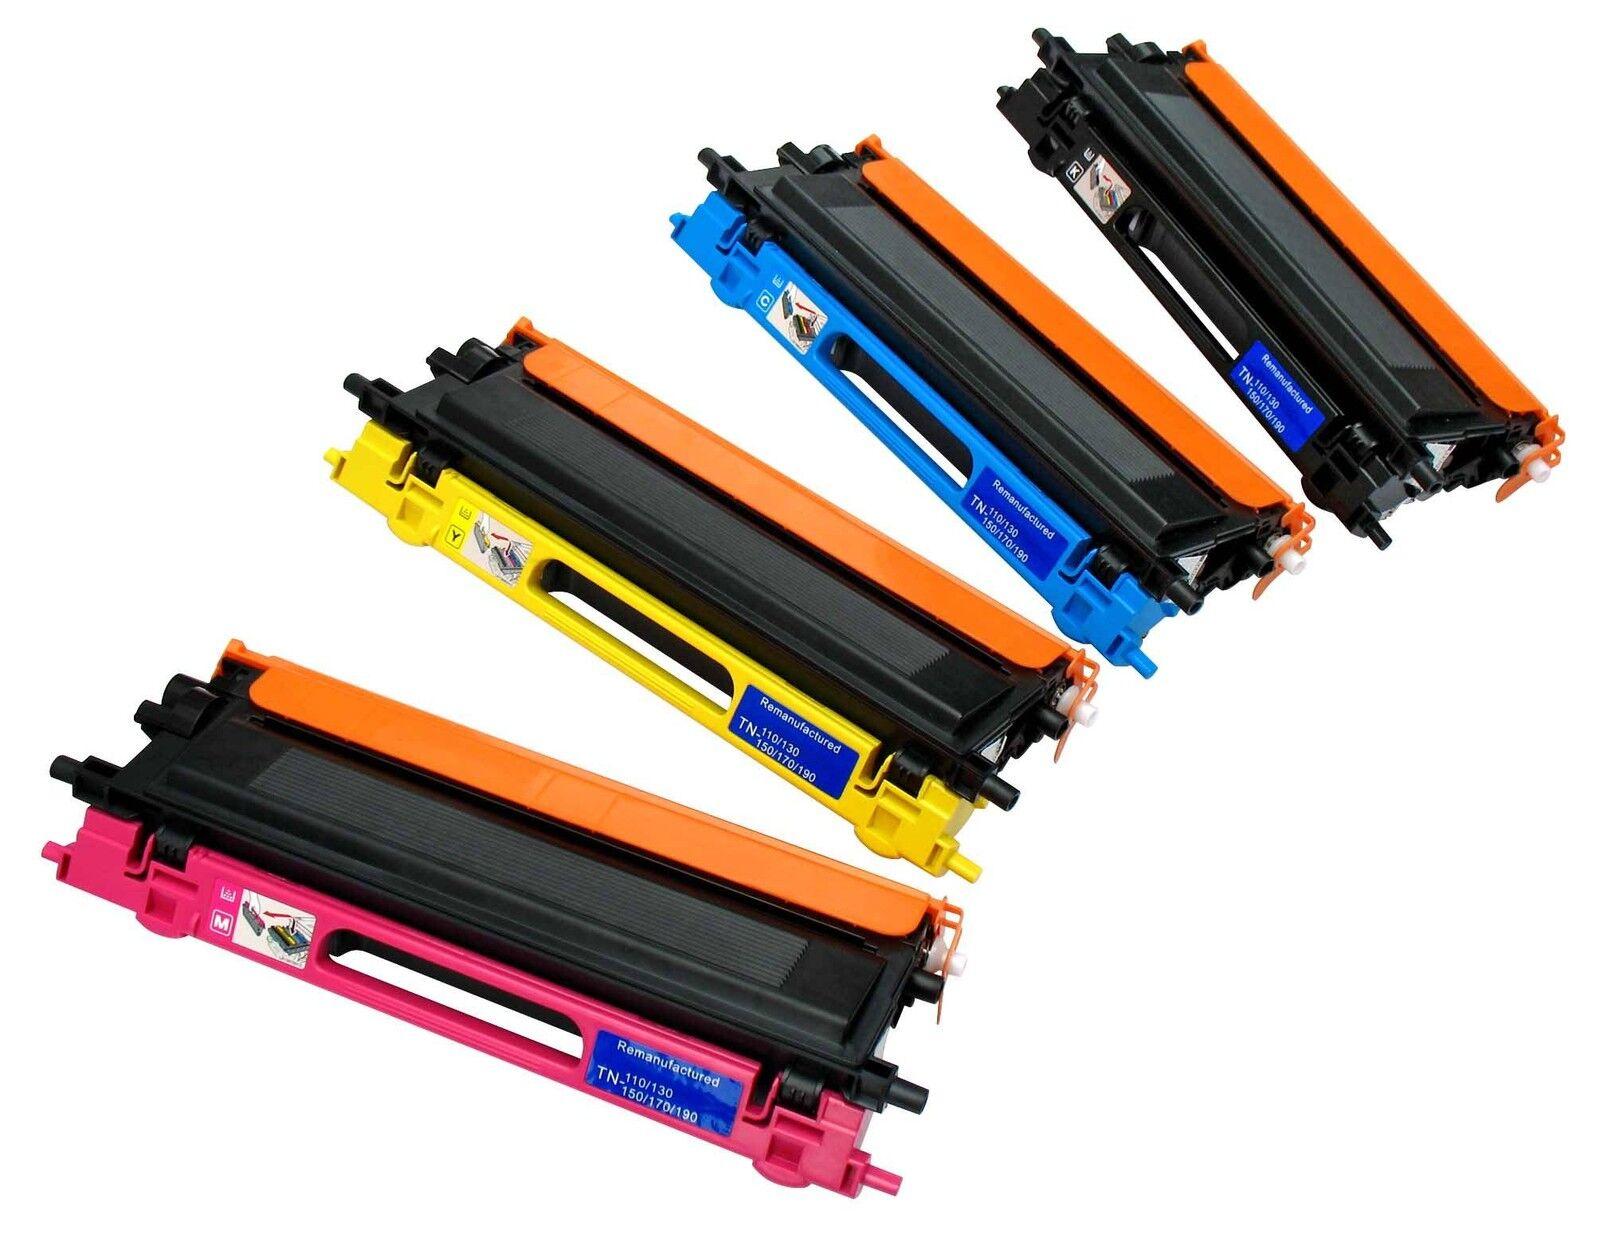 Set of 4 Toner Cartridges Non-OEM Alternative For Xerox Phaser 6280 - BCMY